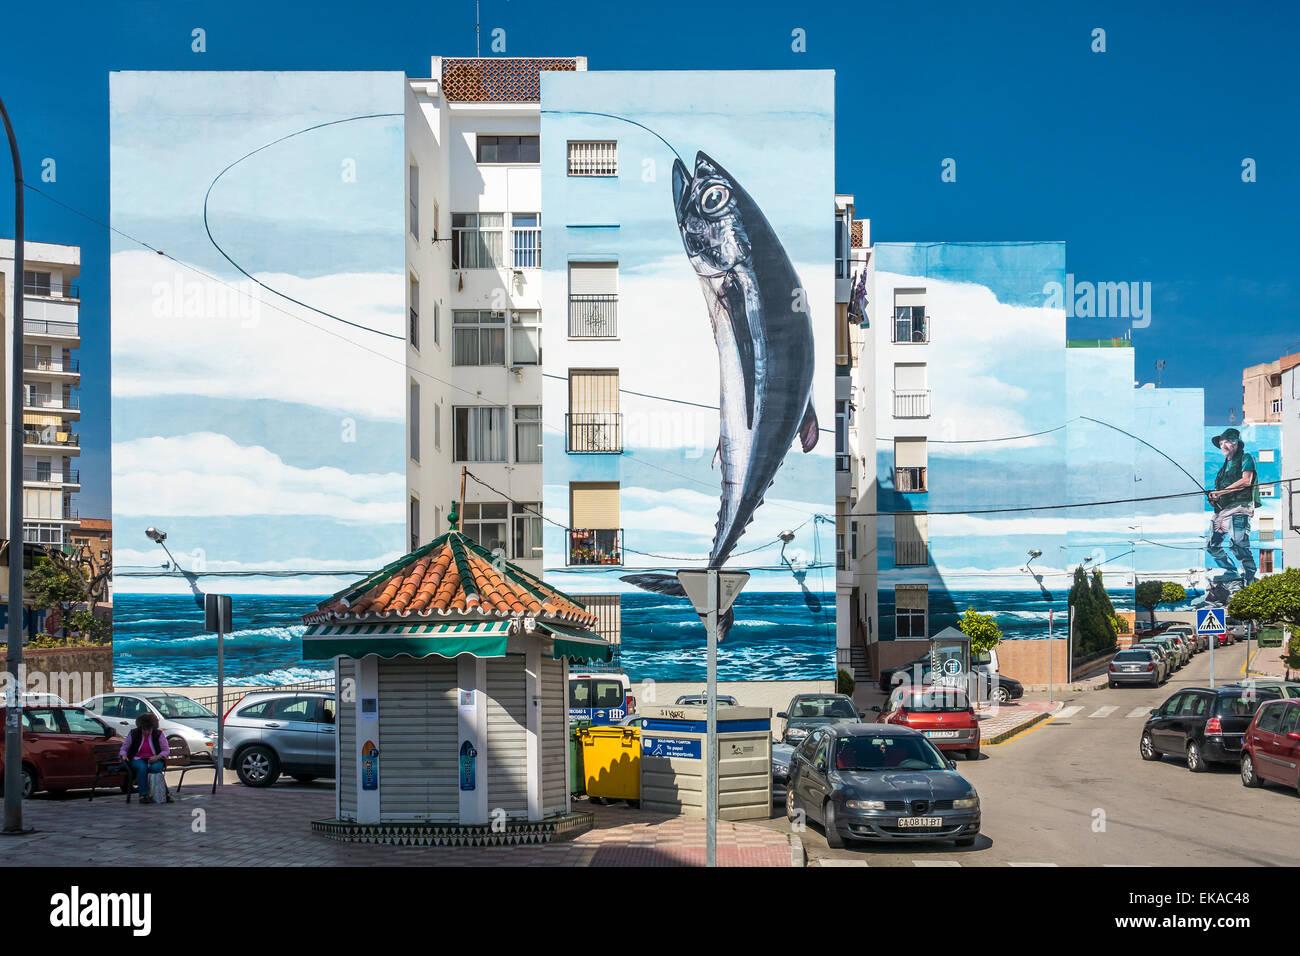 Wandbild Dia de Pesca von Jose Fernandez Rios Estepona Spanien Stockbild